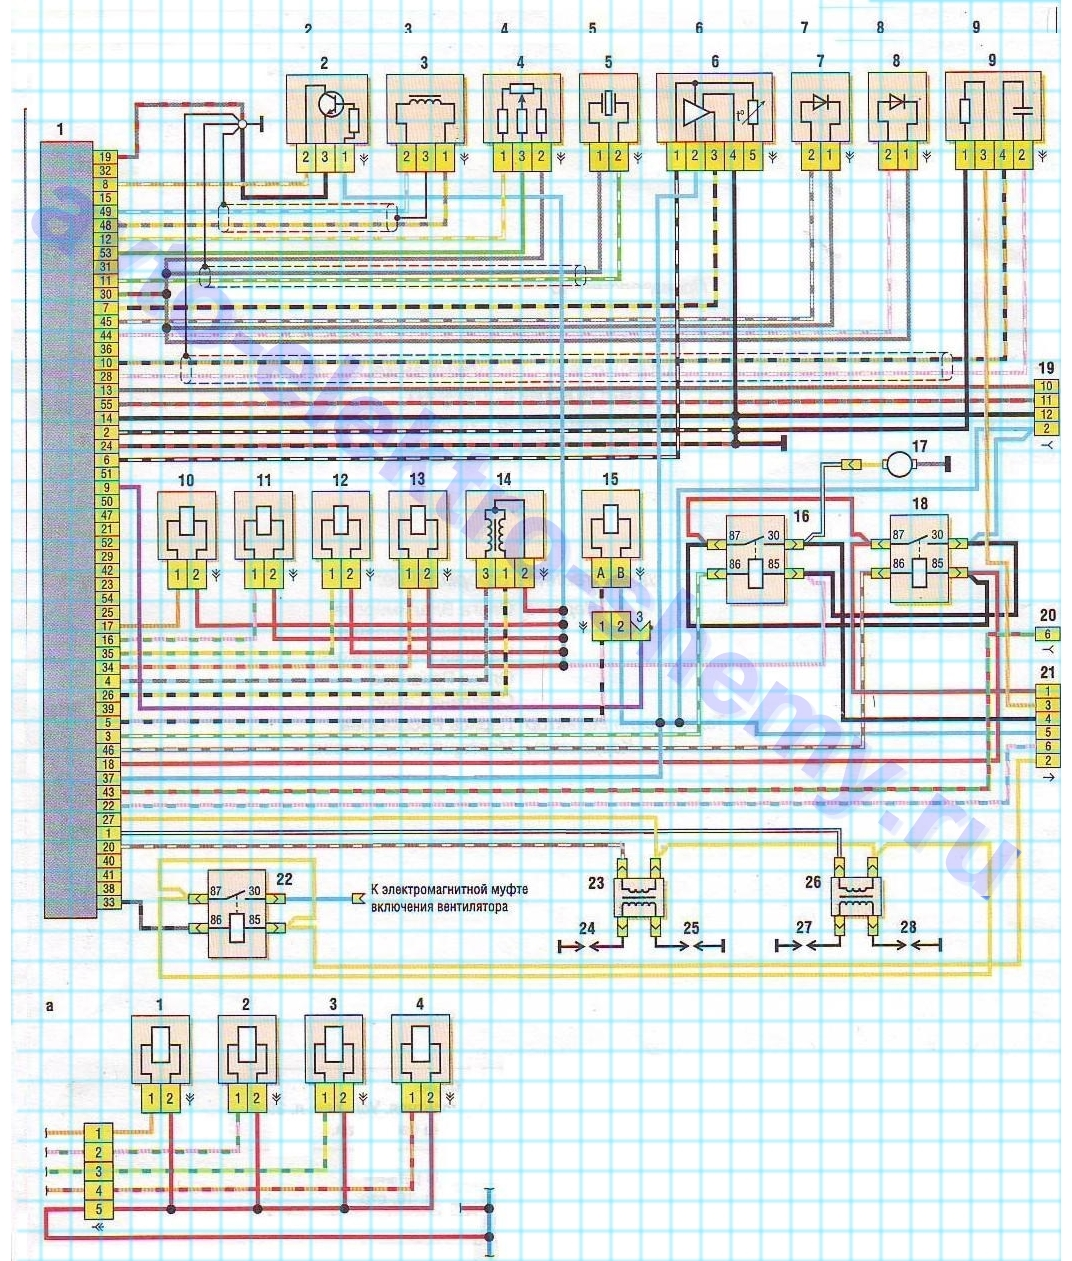 иж 2715 схема проводки